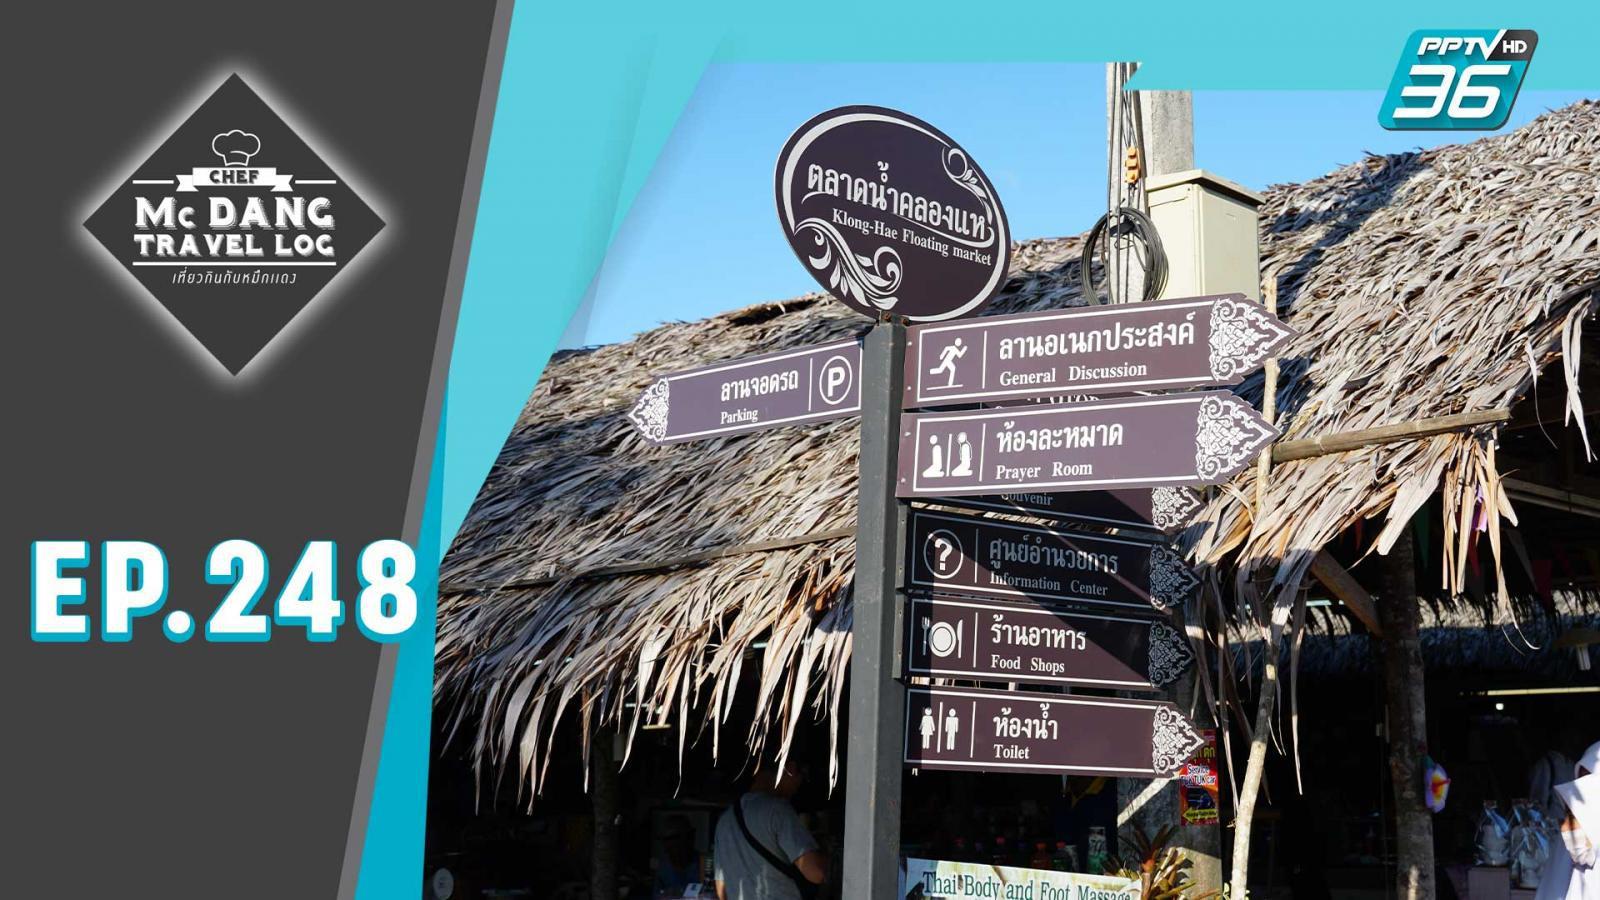 หาดใหญ่ เมืองท่องเที่ยวหลากวัฒนธรรม